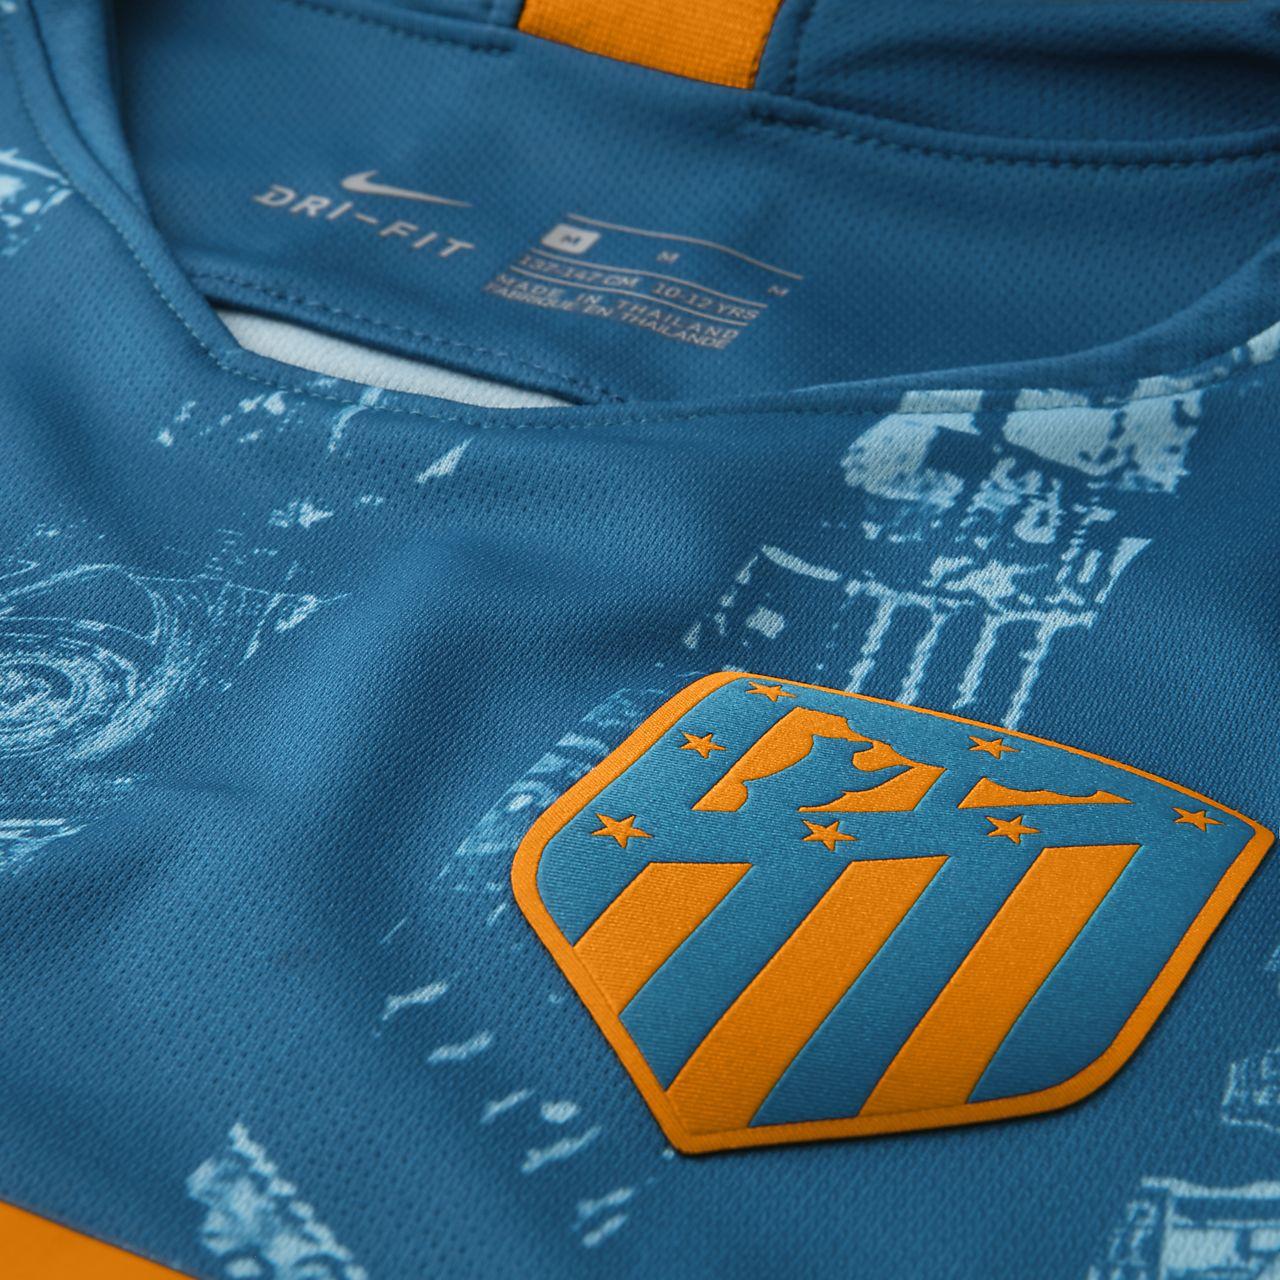 67673329dfd63 ... Camiseta de fútbol para niños talla grande alternativa Stadium del  Atlético de Madrid 2018 19